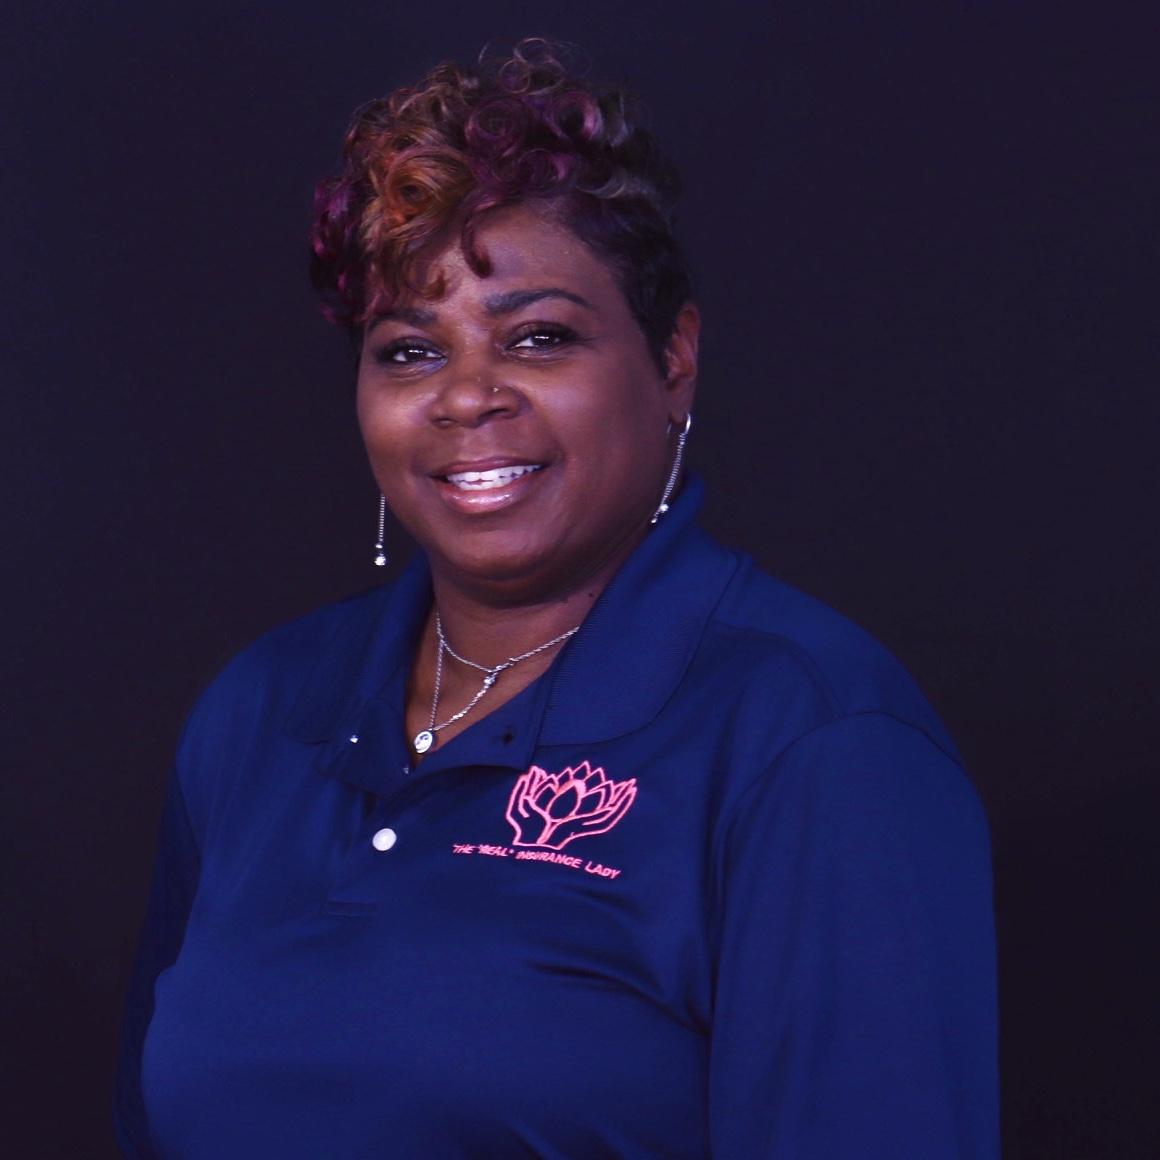 Kimberly Lawson